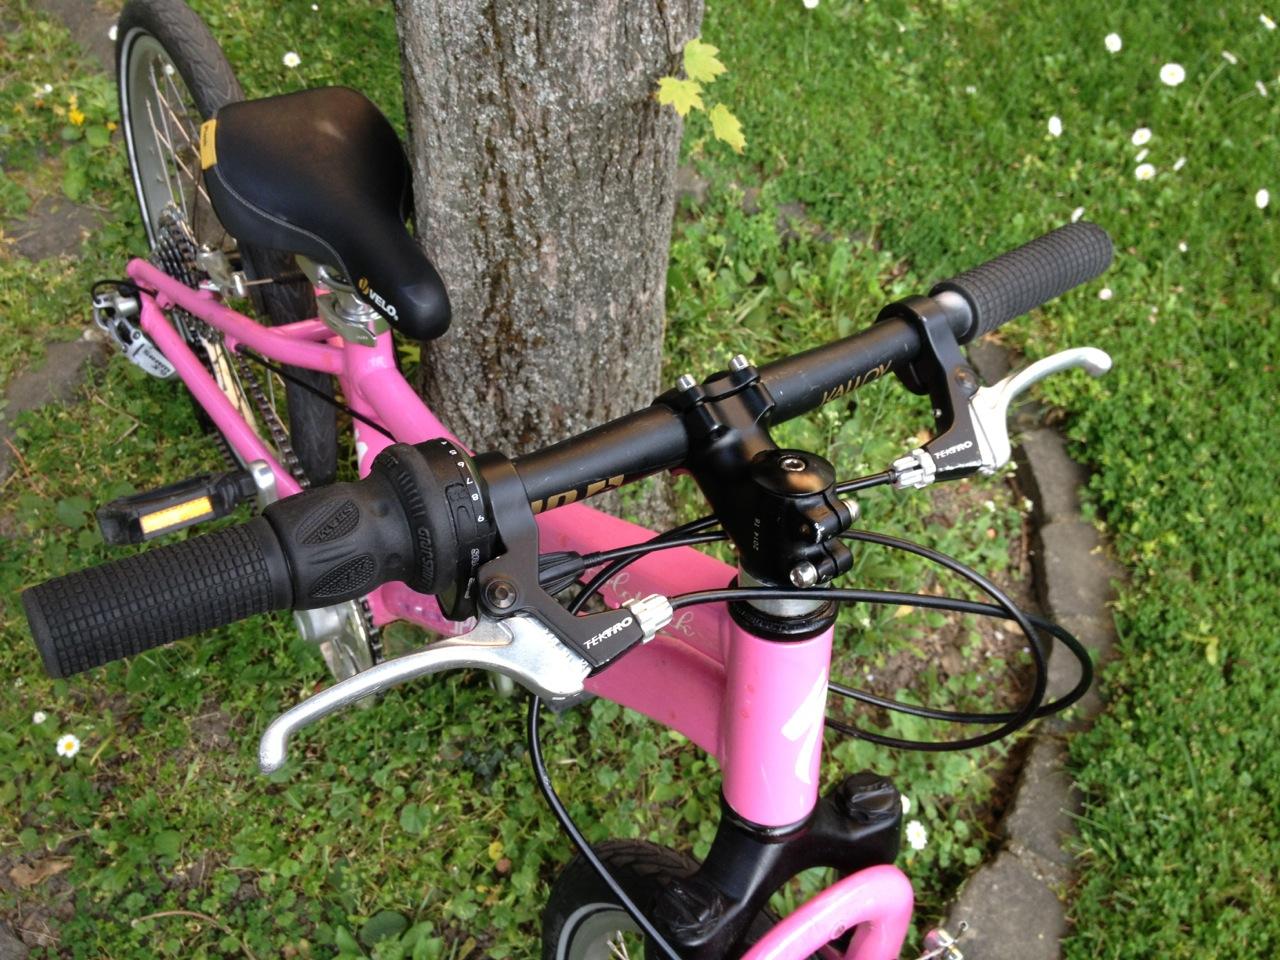 Hotrock 20 tuning pink 2